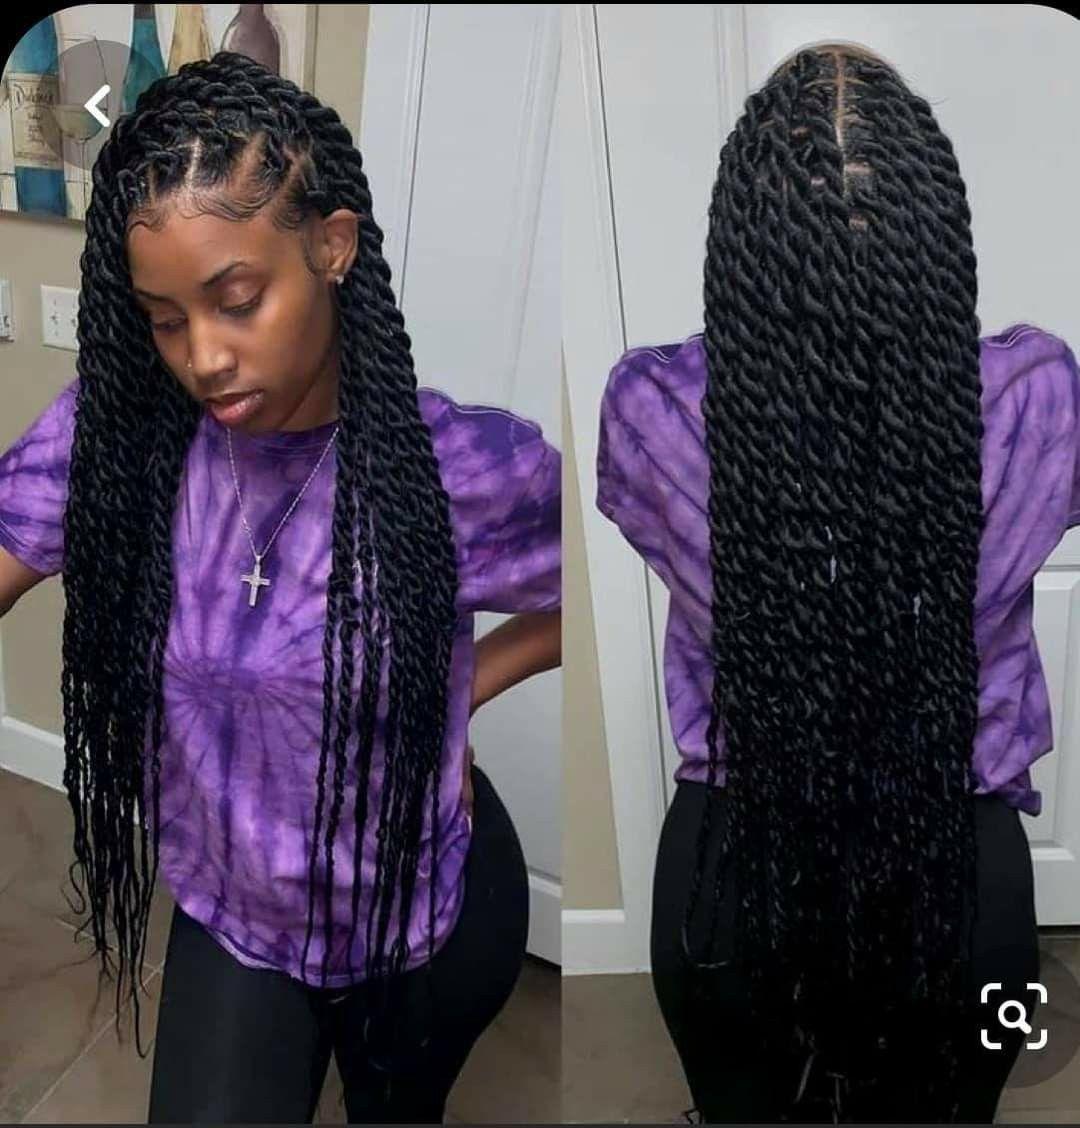 BEST Braided Hairstyles 2021 hairstyleforblackwomen.net 660